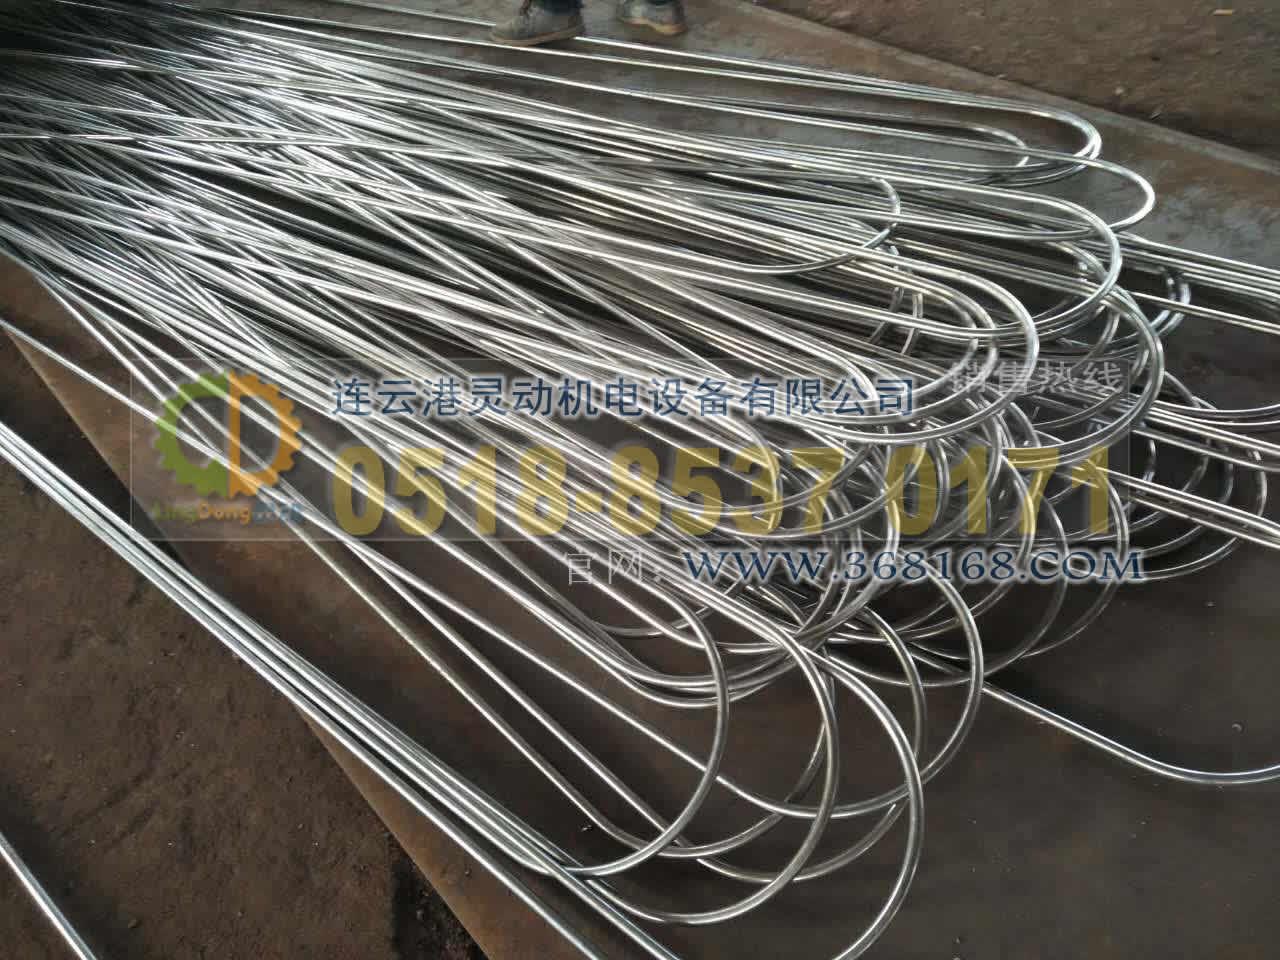 不锈钢U型管生产厂家